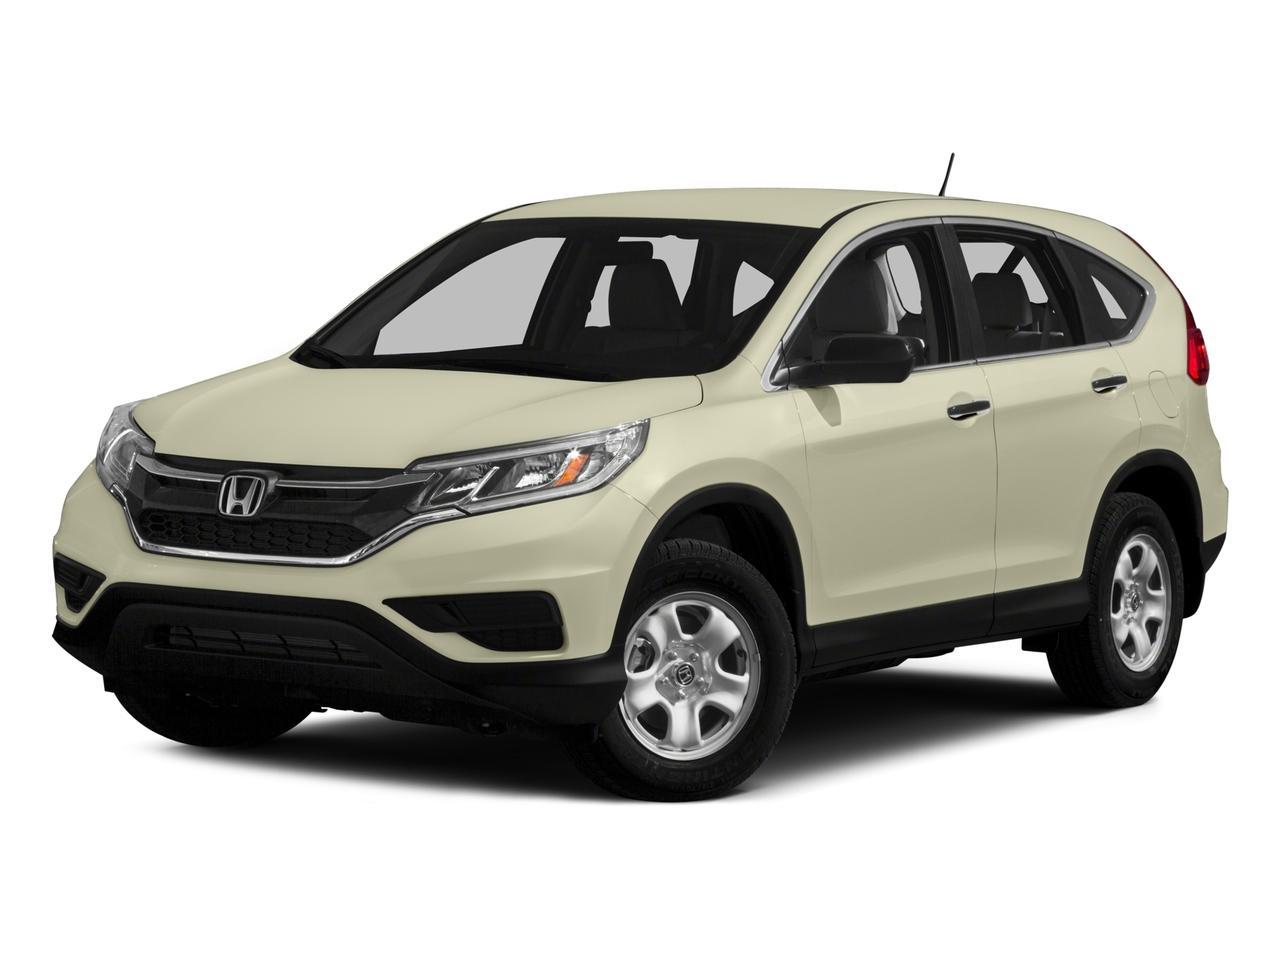 2015 Honda CR-V Vehicle Photo in Fishers, IN 46038